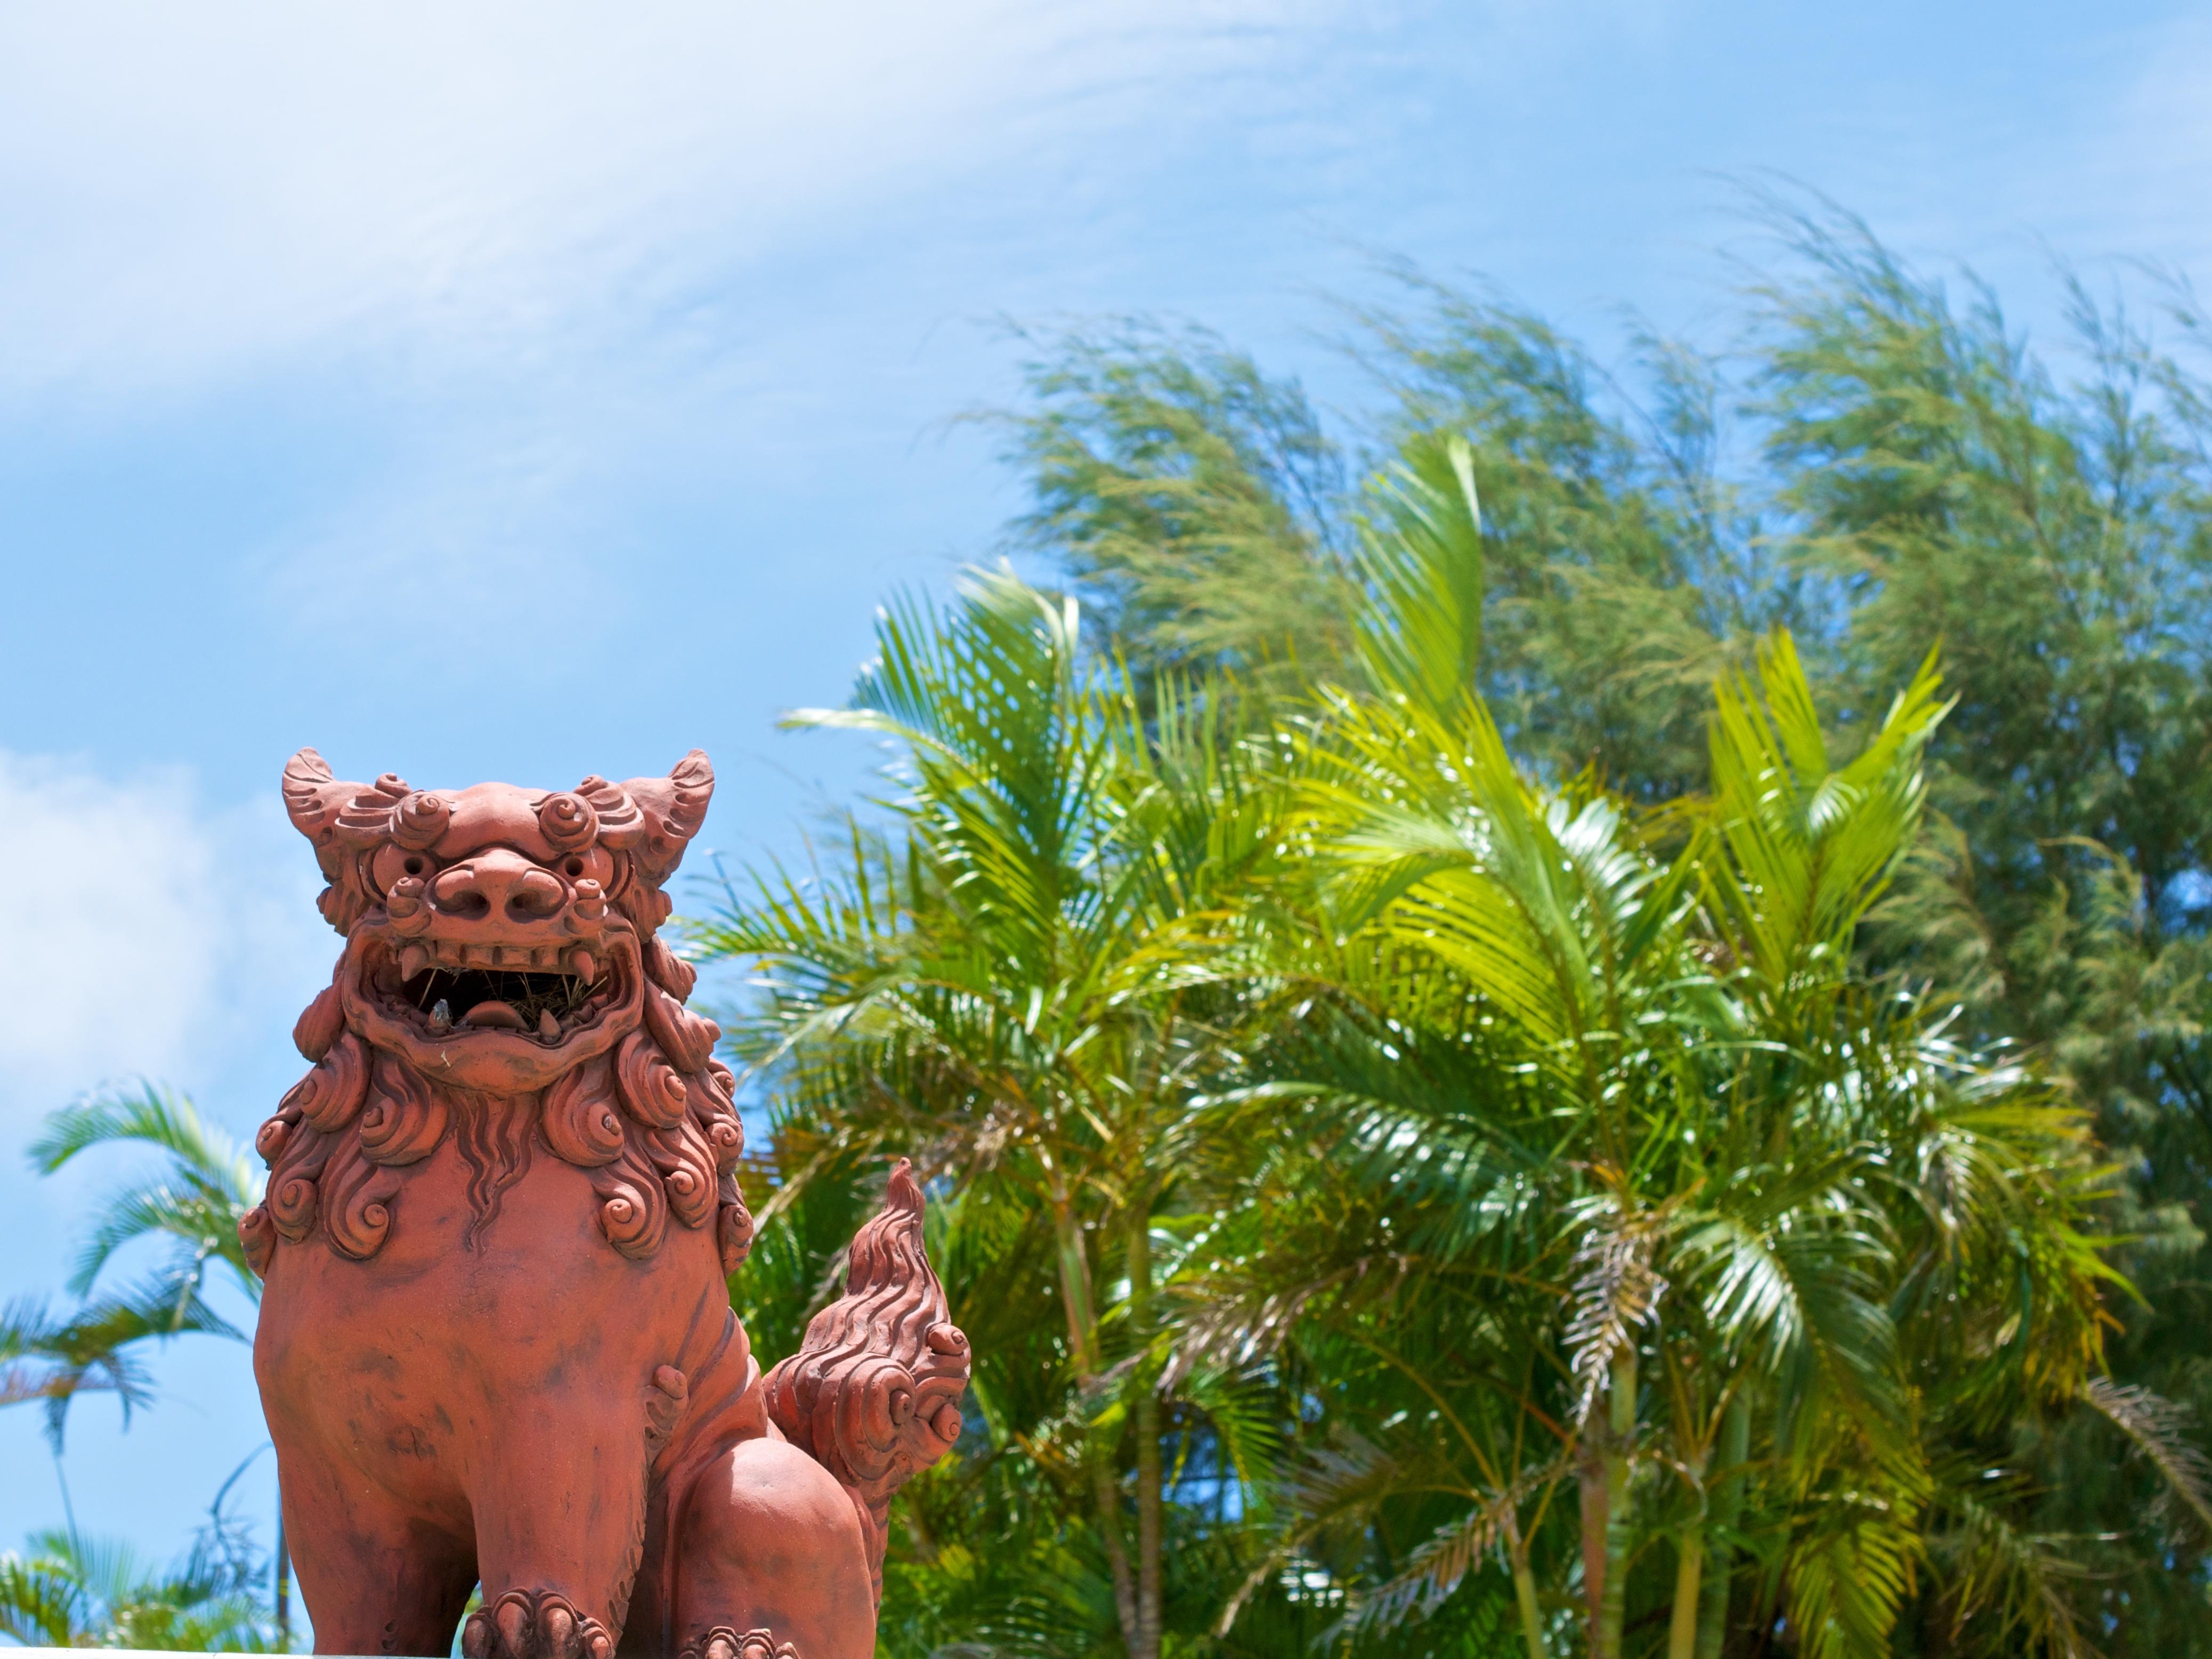 沖繩的度假婚禮的魅力-リゾートウェディングのメリット